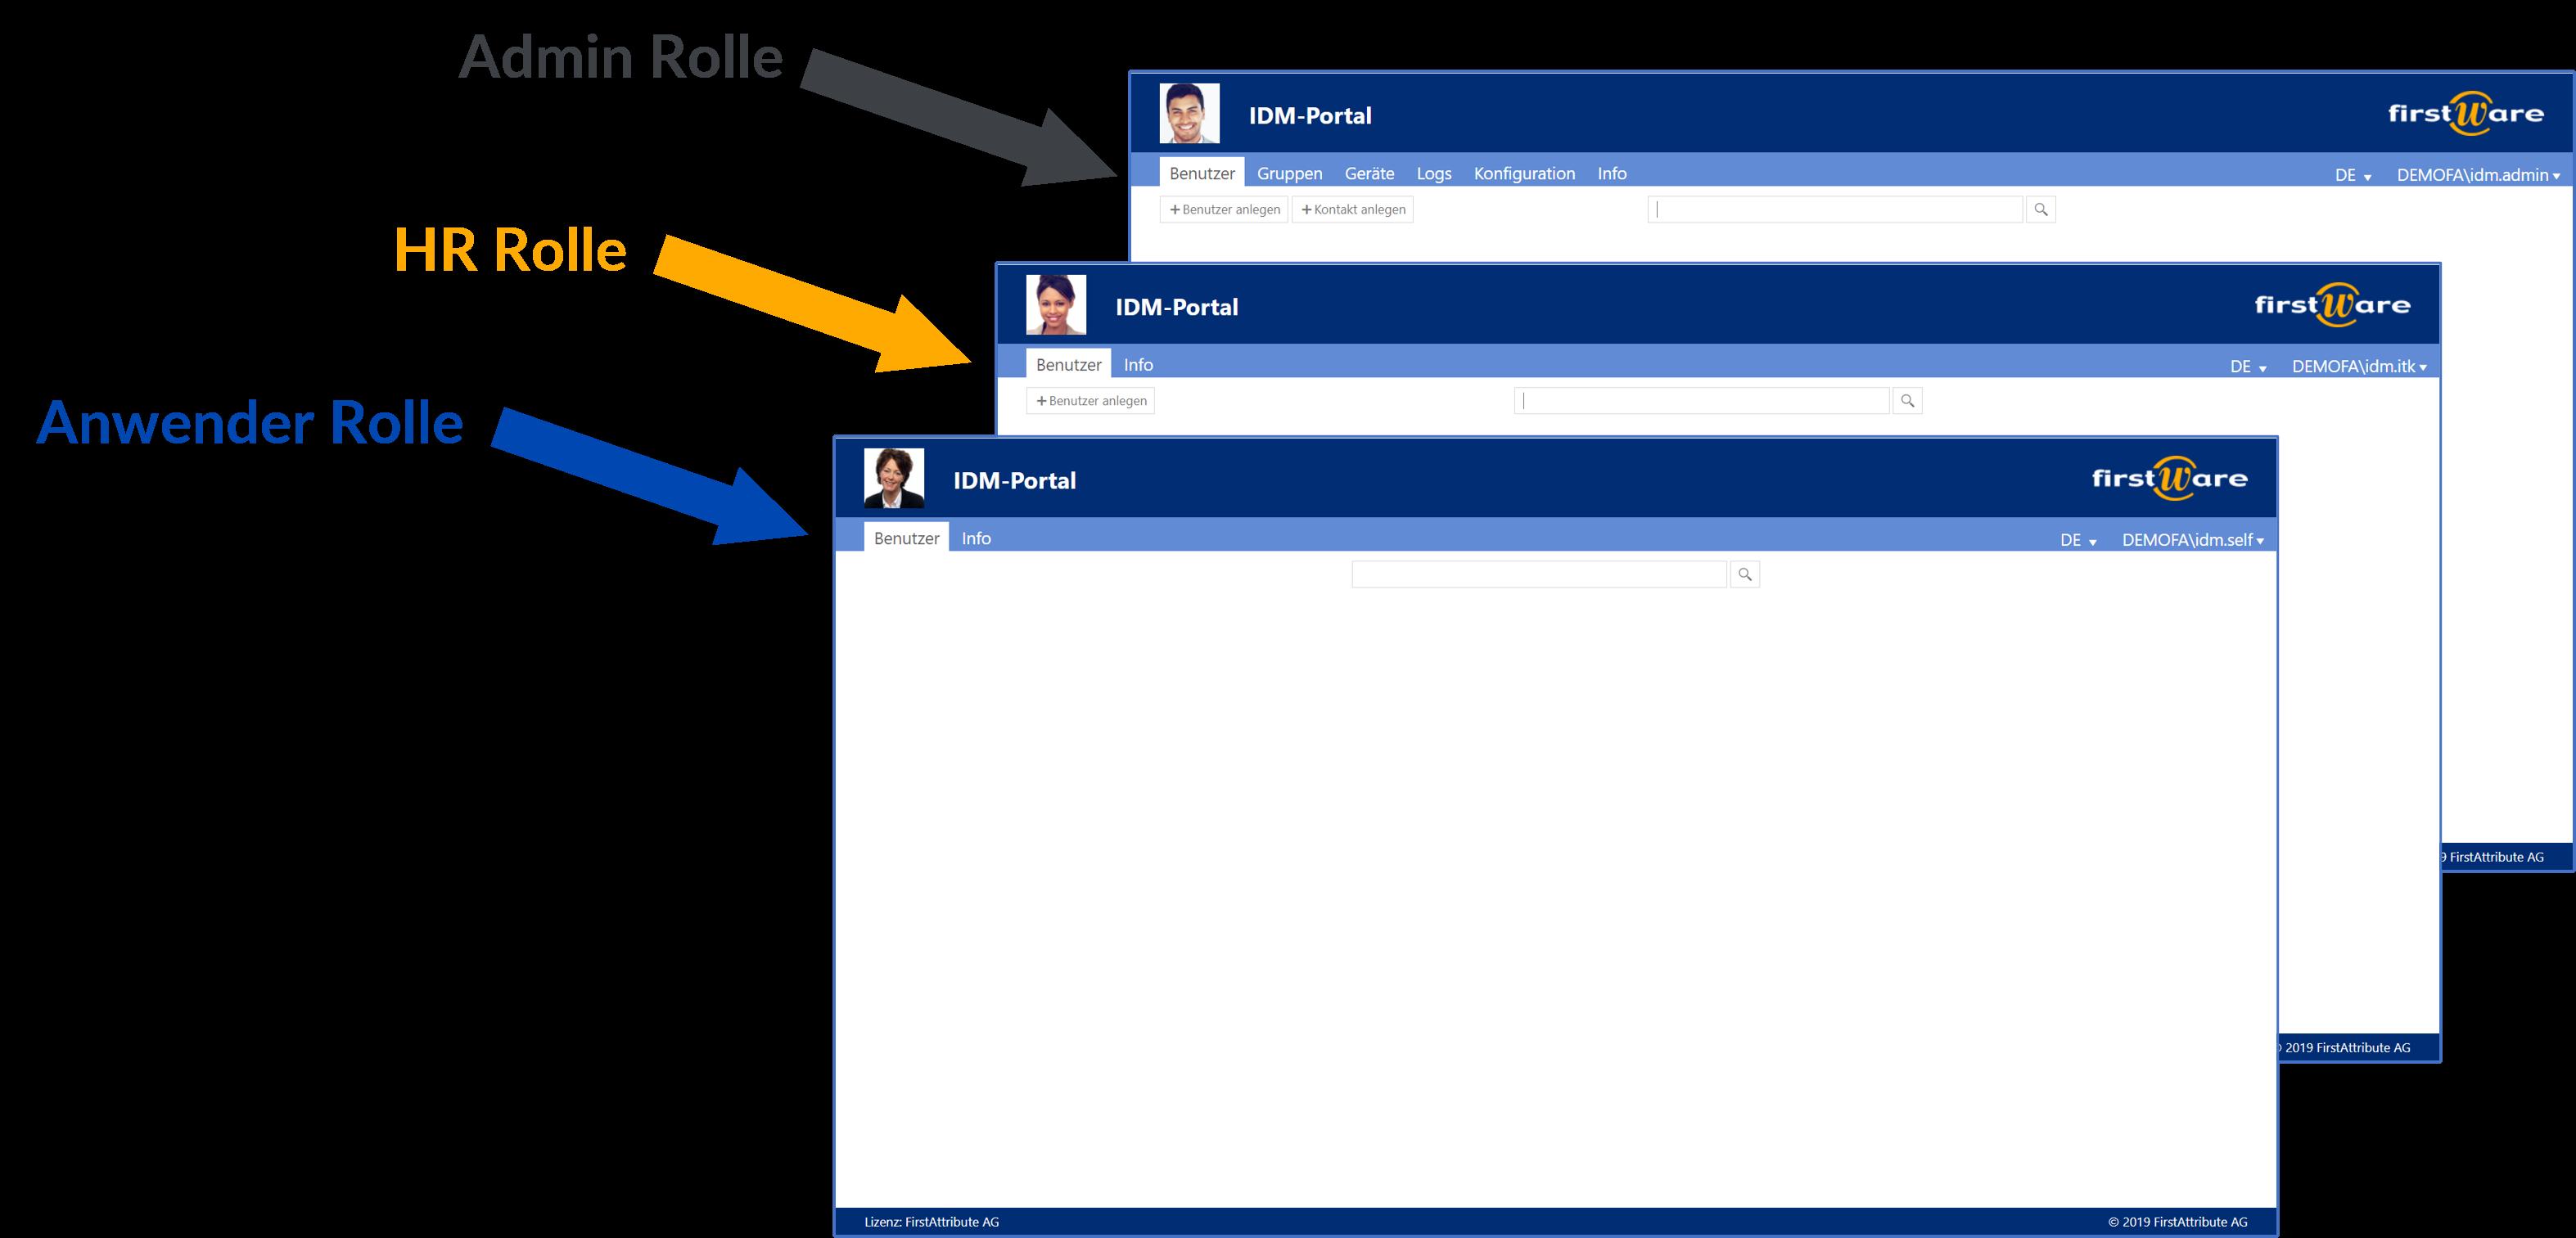 IAM Delegation - Benutzerverwaltung mit Rollen